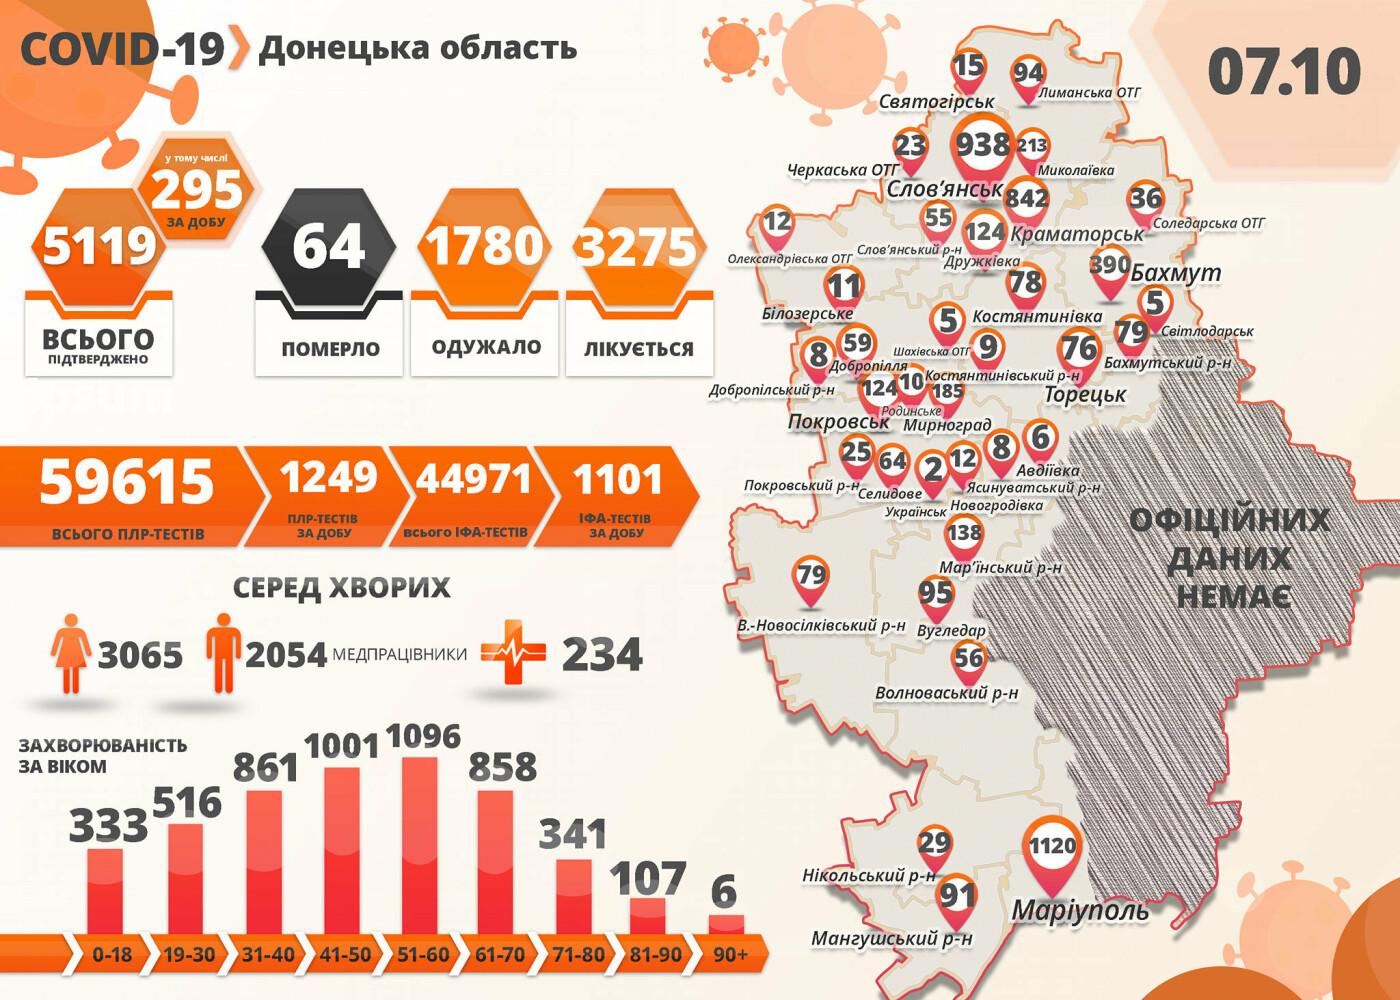 В Донецкой области от коронавируса умер врач, 295 новых случаев, фото-1